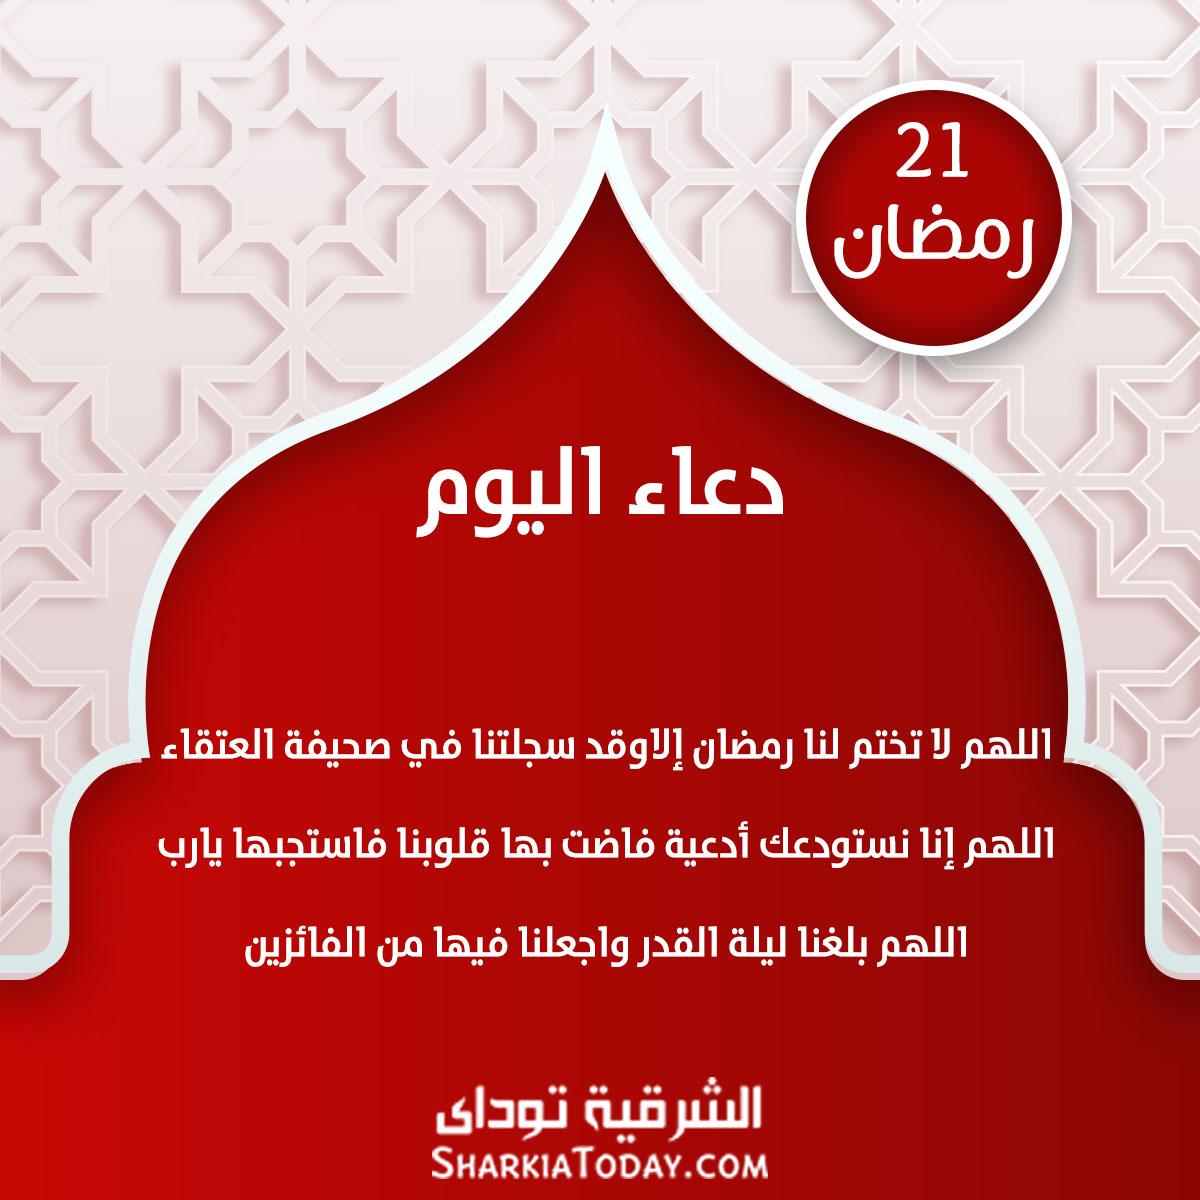 دعاء اليوم 21 رمضان